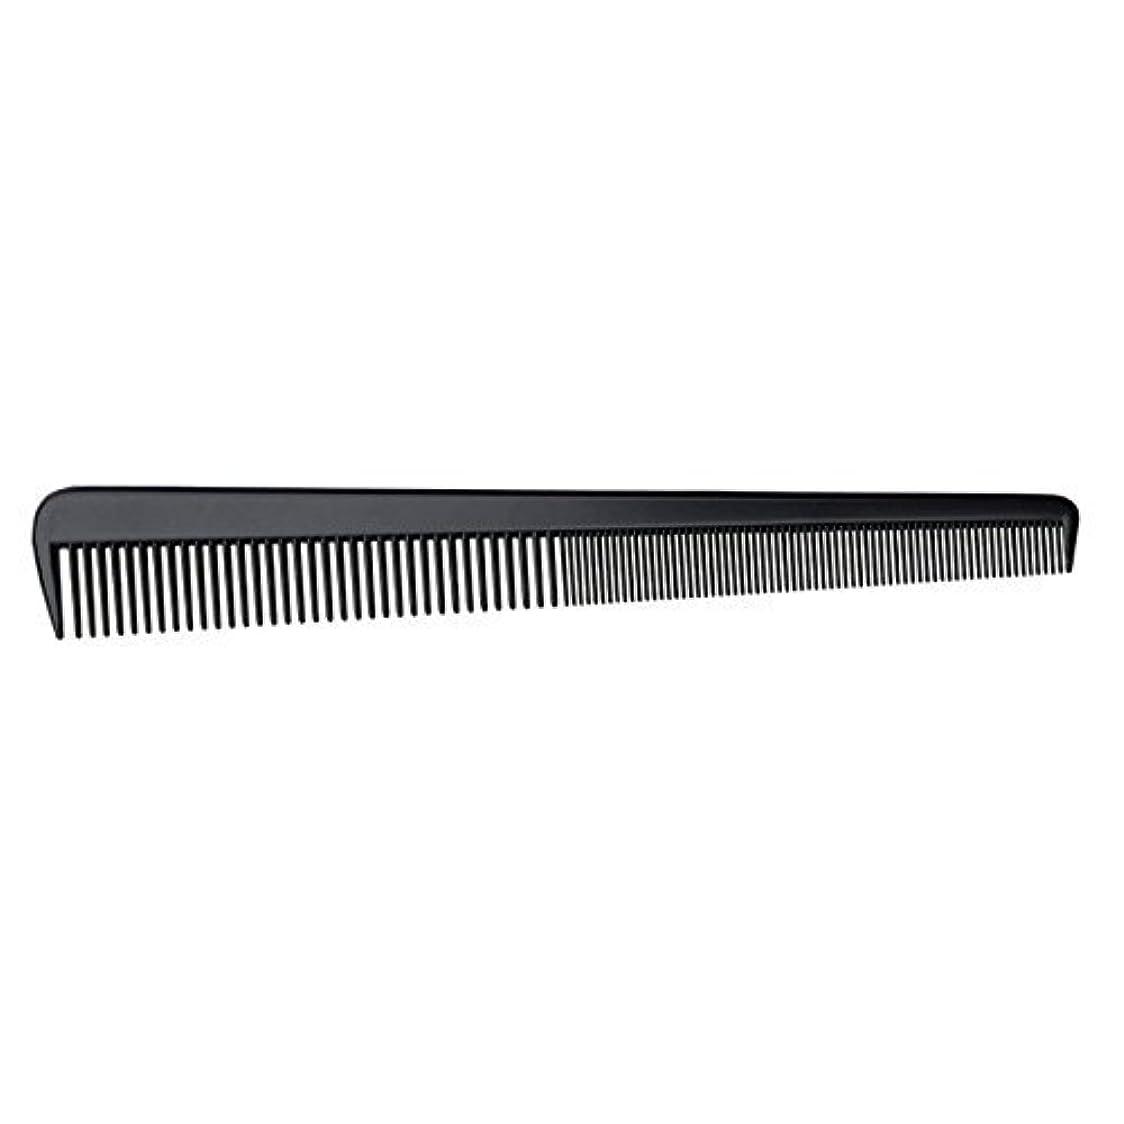 人差し指スノーケルスポーツマンDiane Barber Comb 12 count 7-1/2 Inch [並行輸入品]